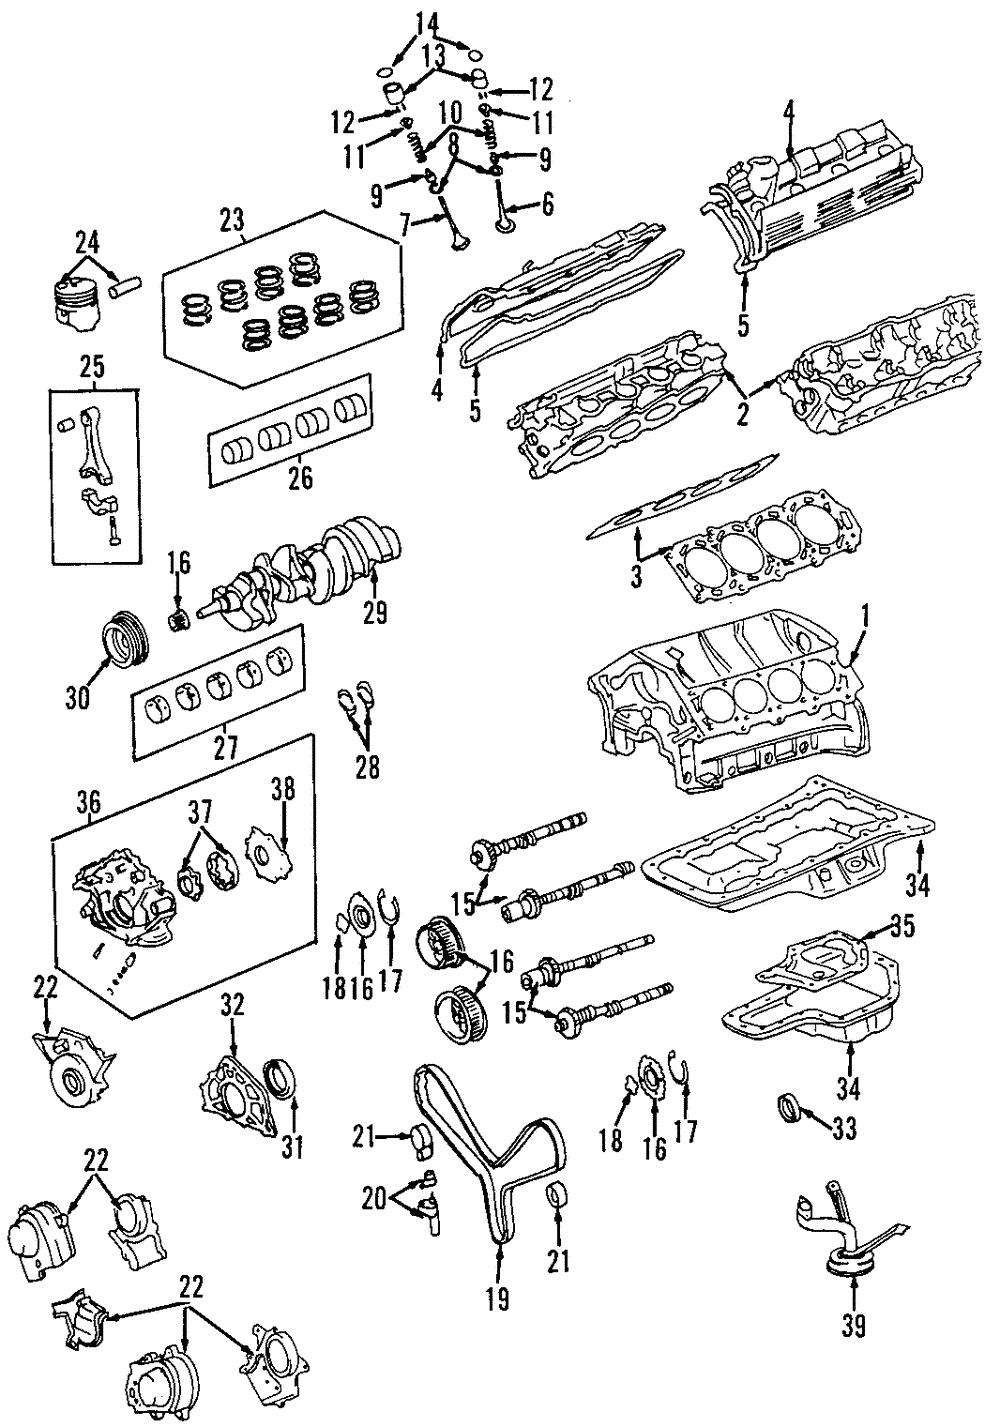 genuine toyota valve cover gasket 11213 50031 ebay  genuine toyota valve cover gasket 11213 50031